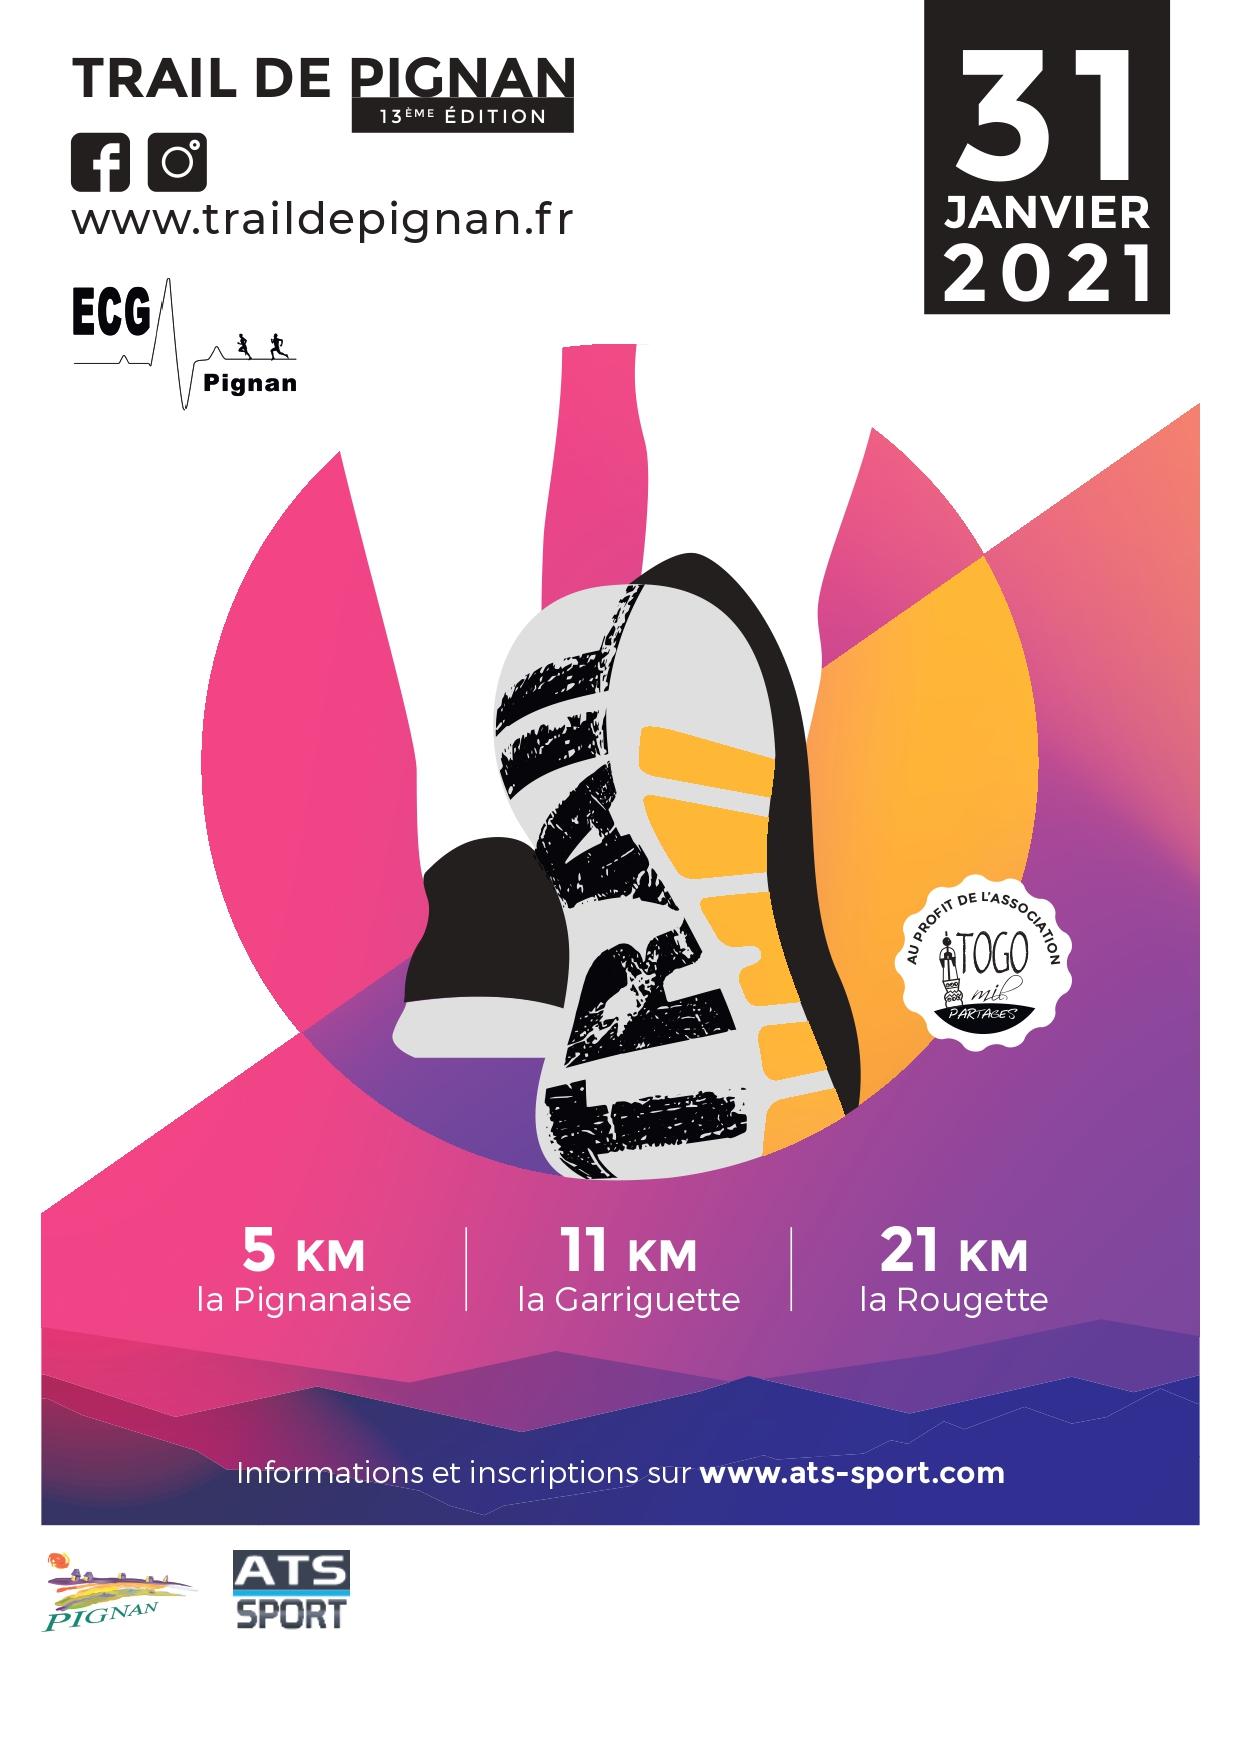 trail de pignan janvier 2021